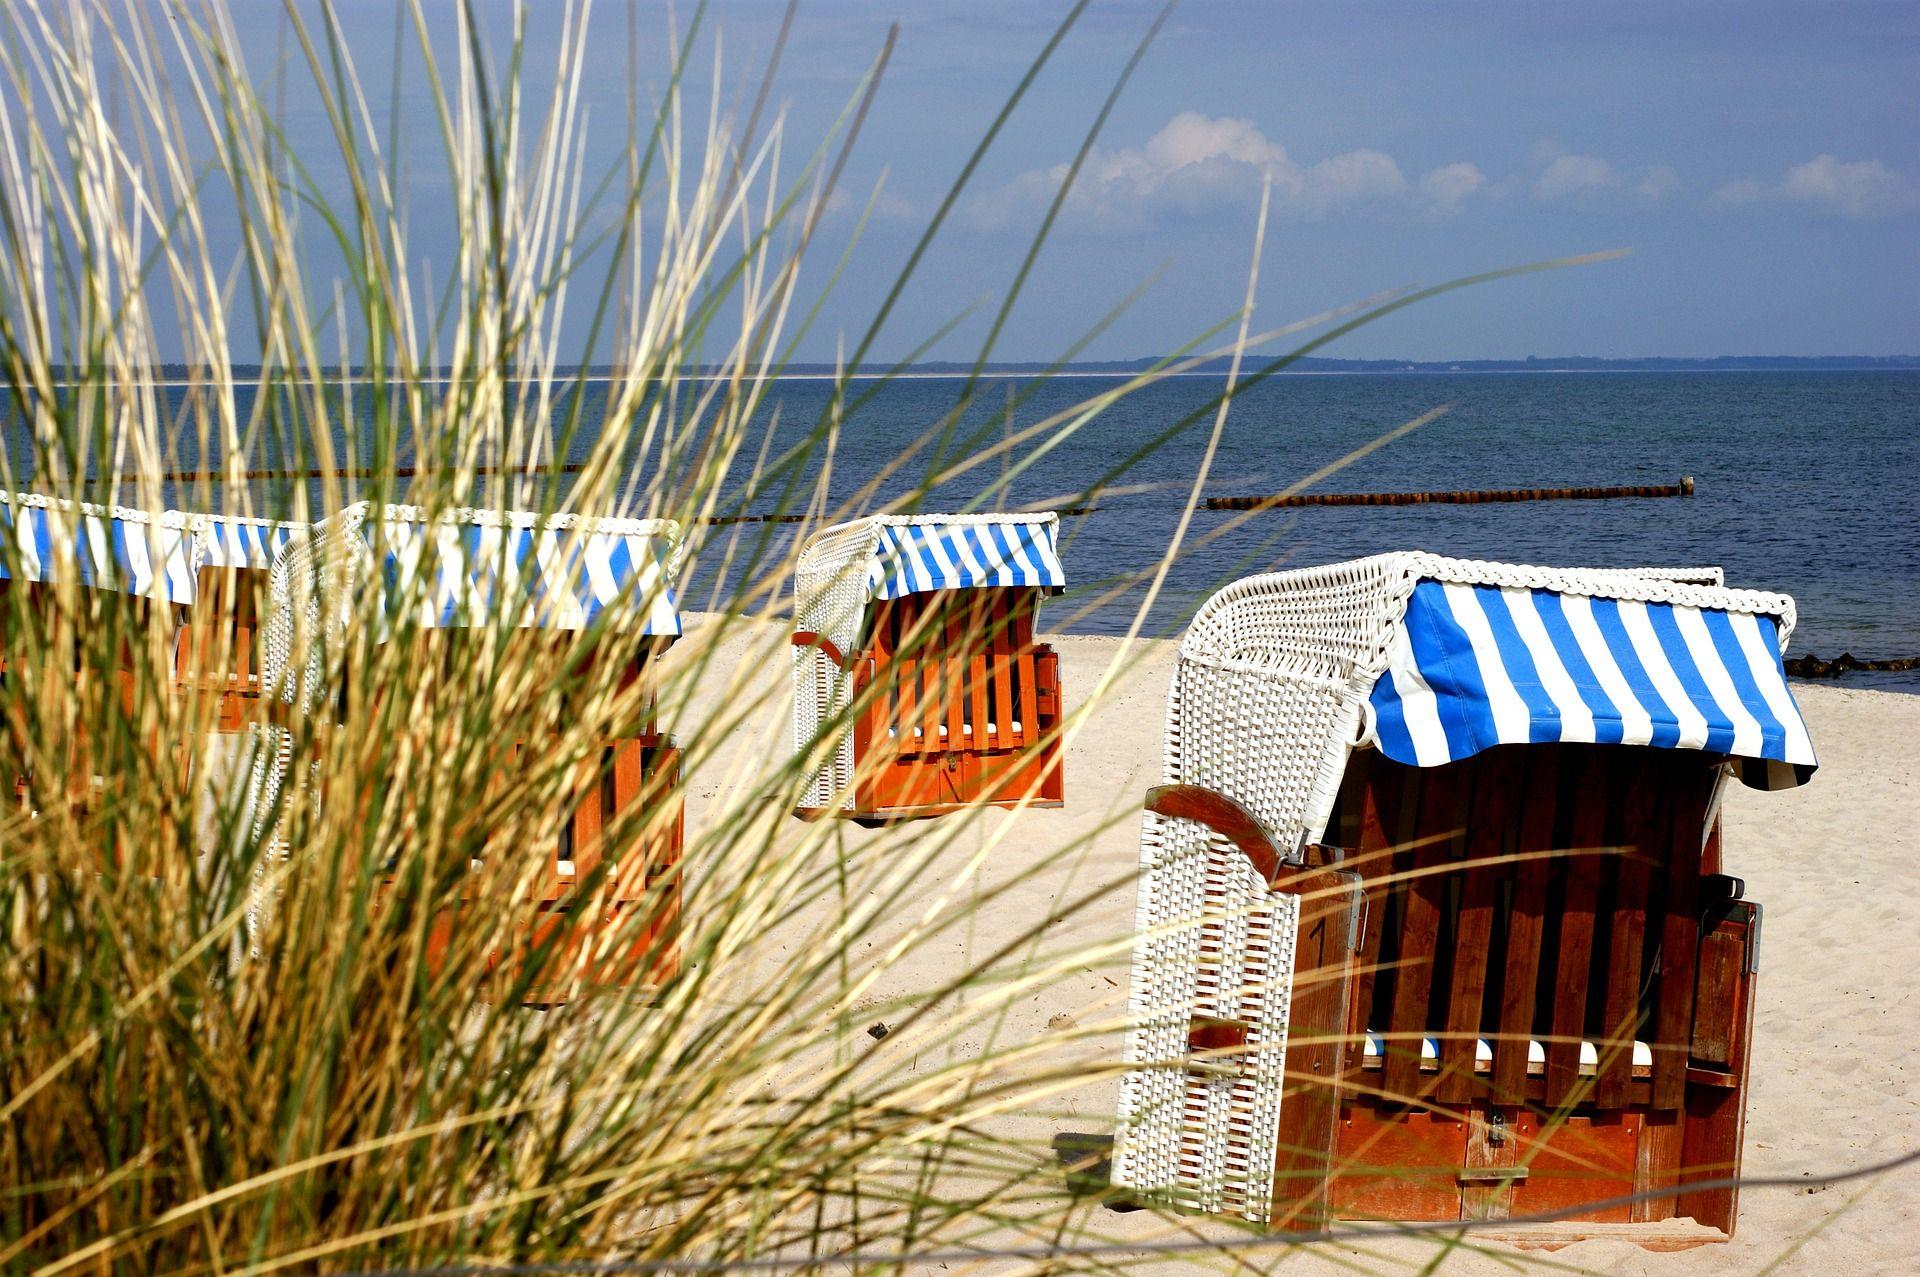 Designhotel An Der Polnischen Ostsee 3 Tage Im 5 Hotel Mit Uf Nur 53 Urlaub Yoga Urlaub Und Camping In Deutschland